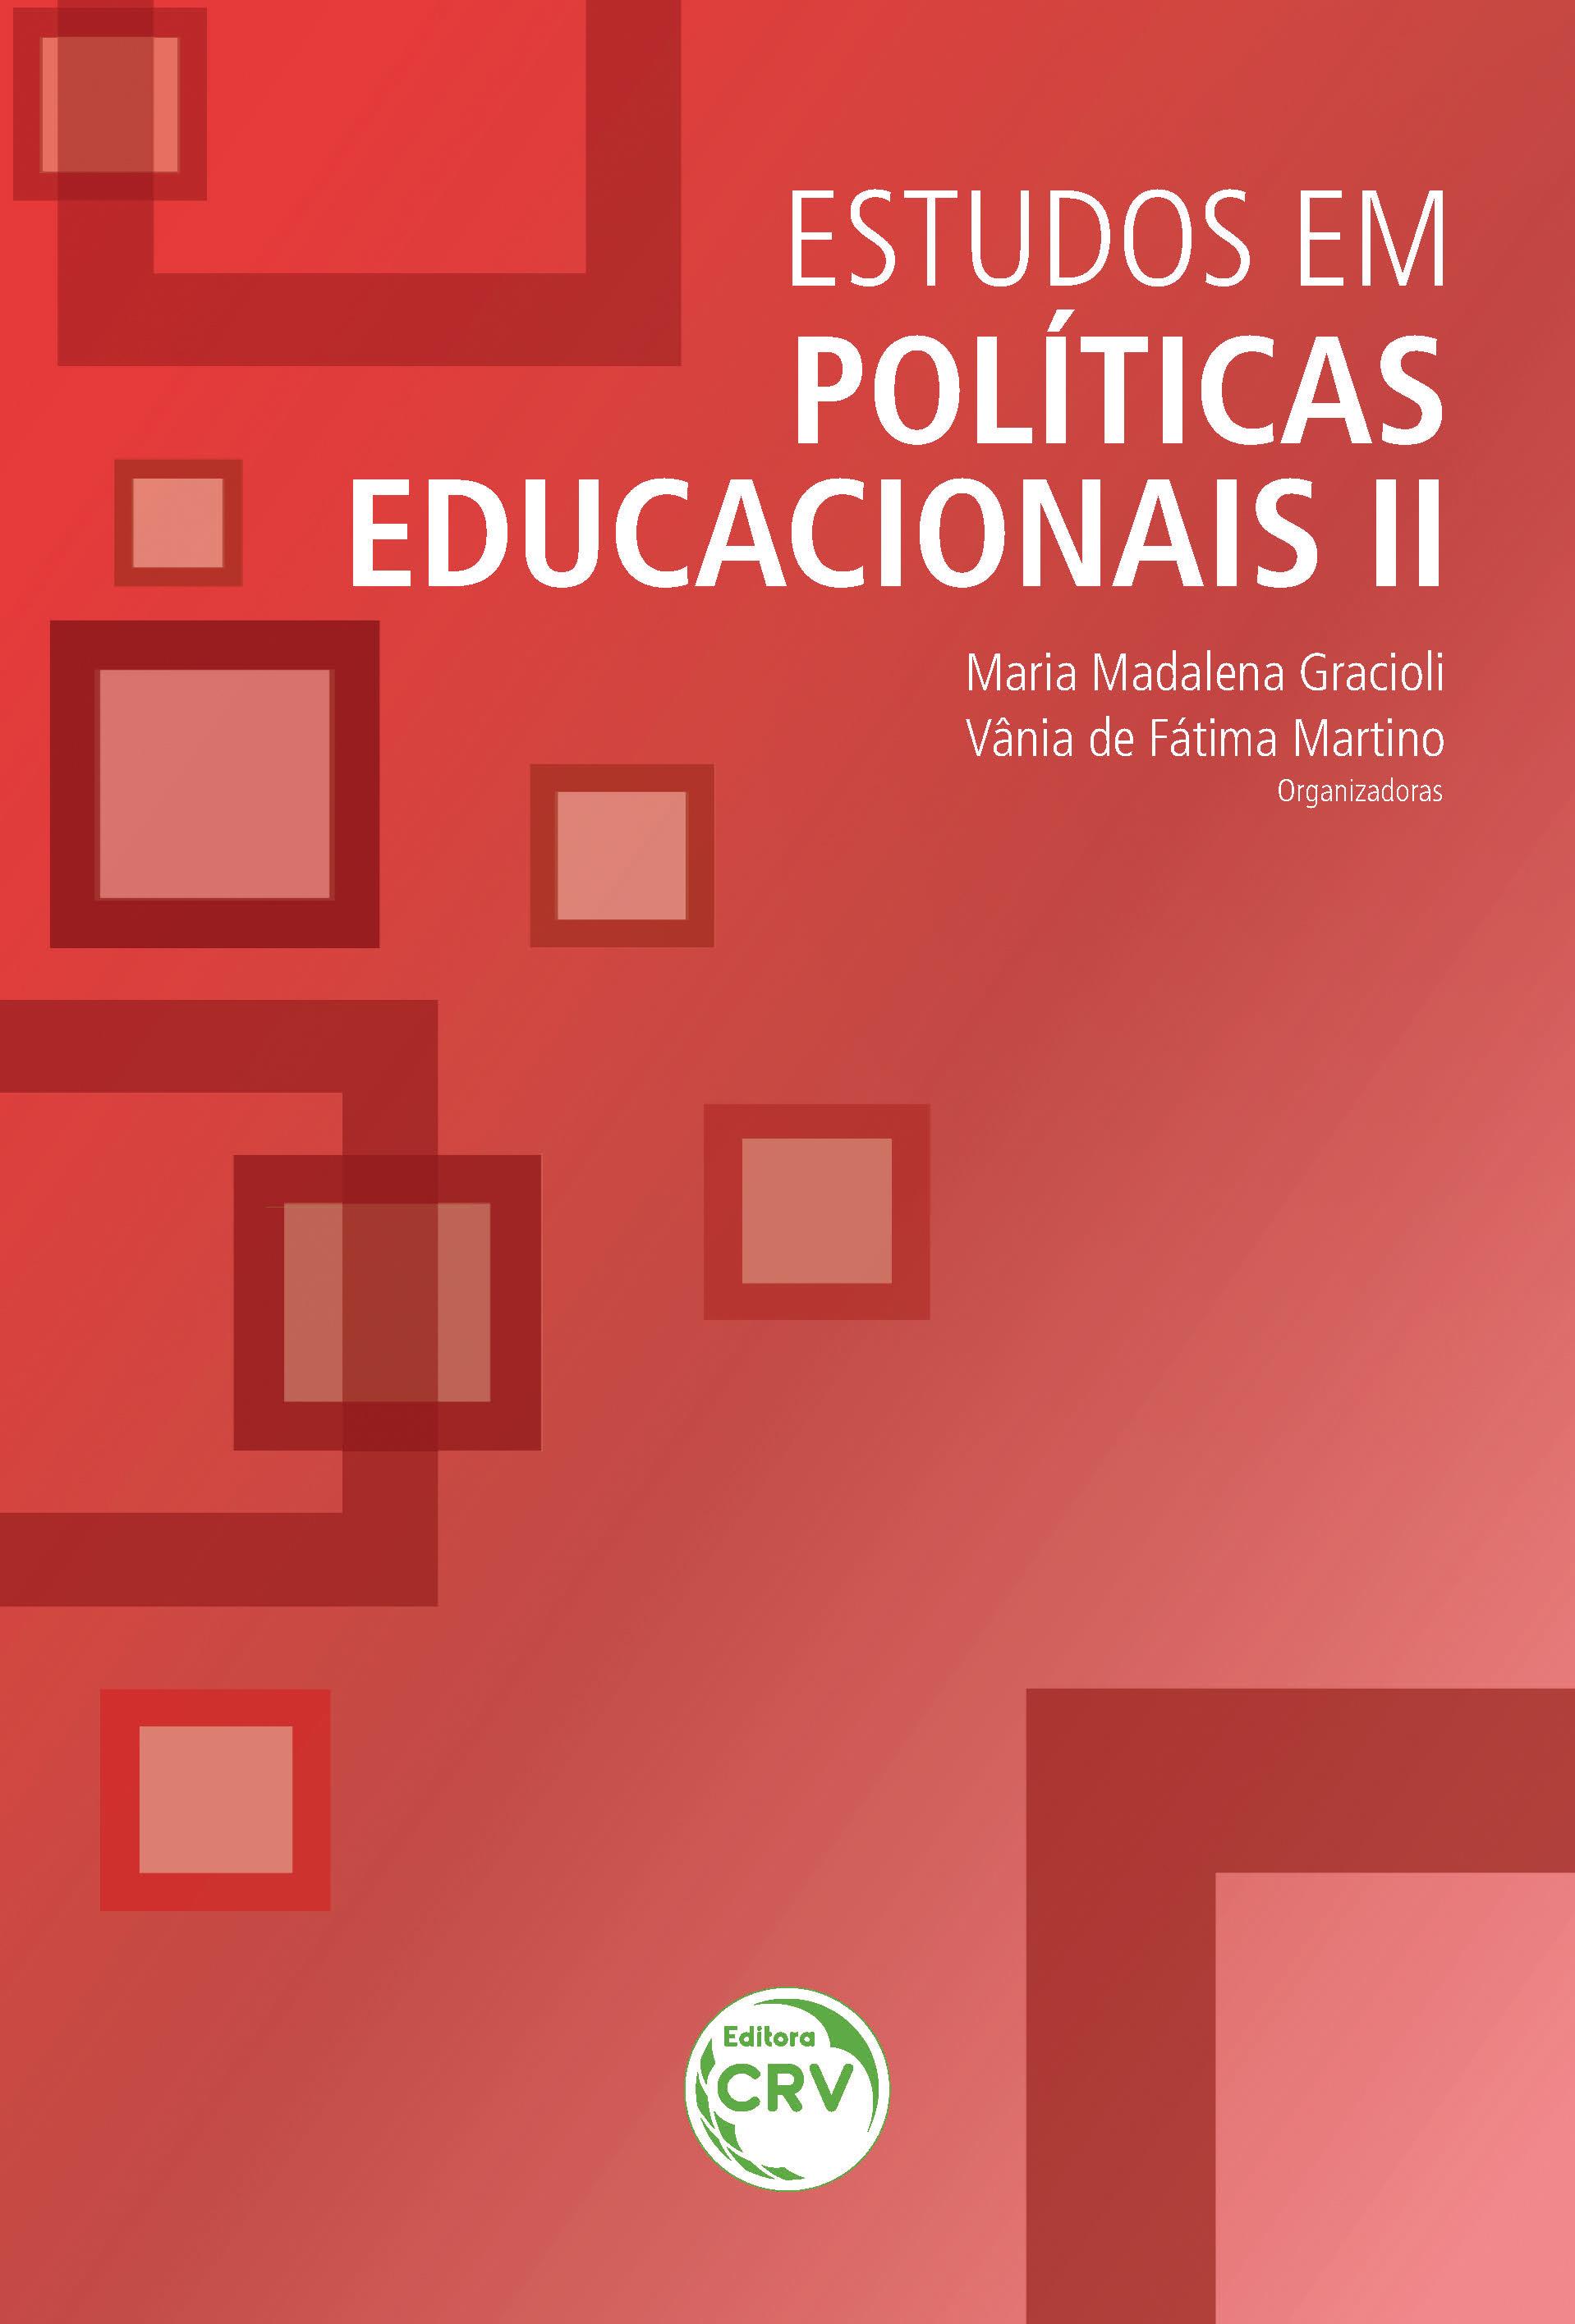 Capa do livro: ESTUDOS EM POLÍTICAS EDUCACIONAIS II